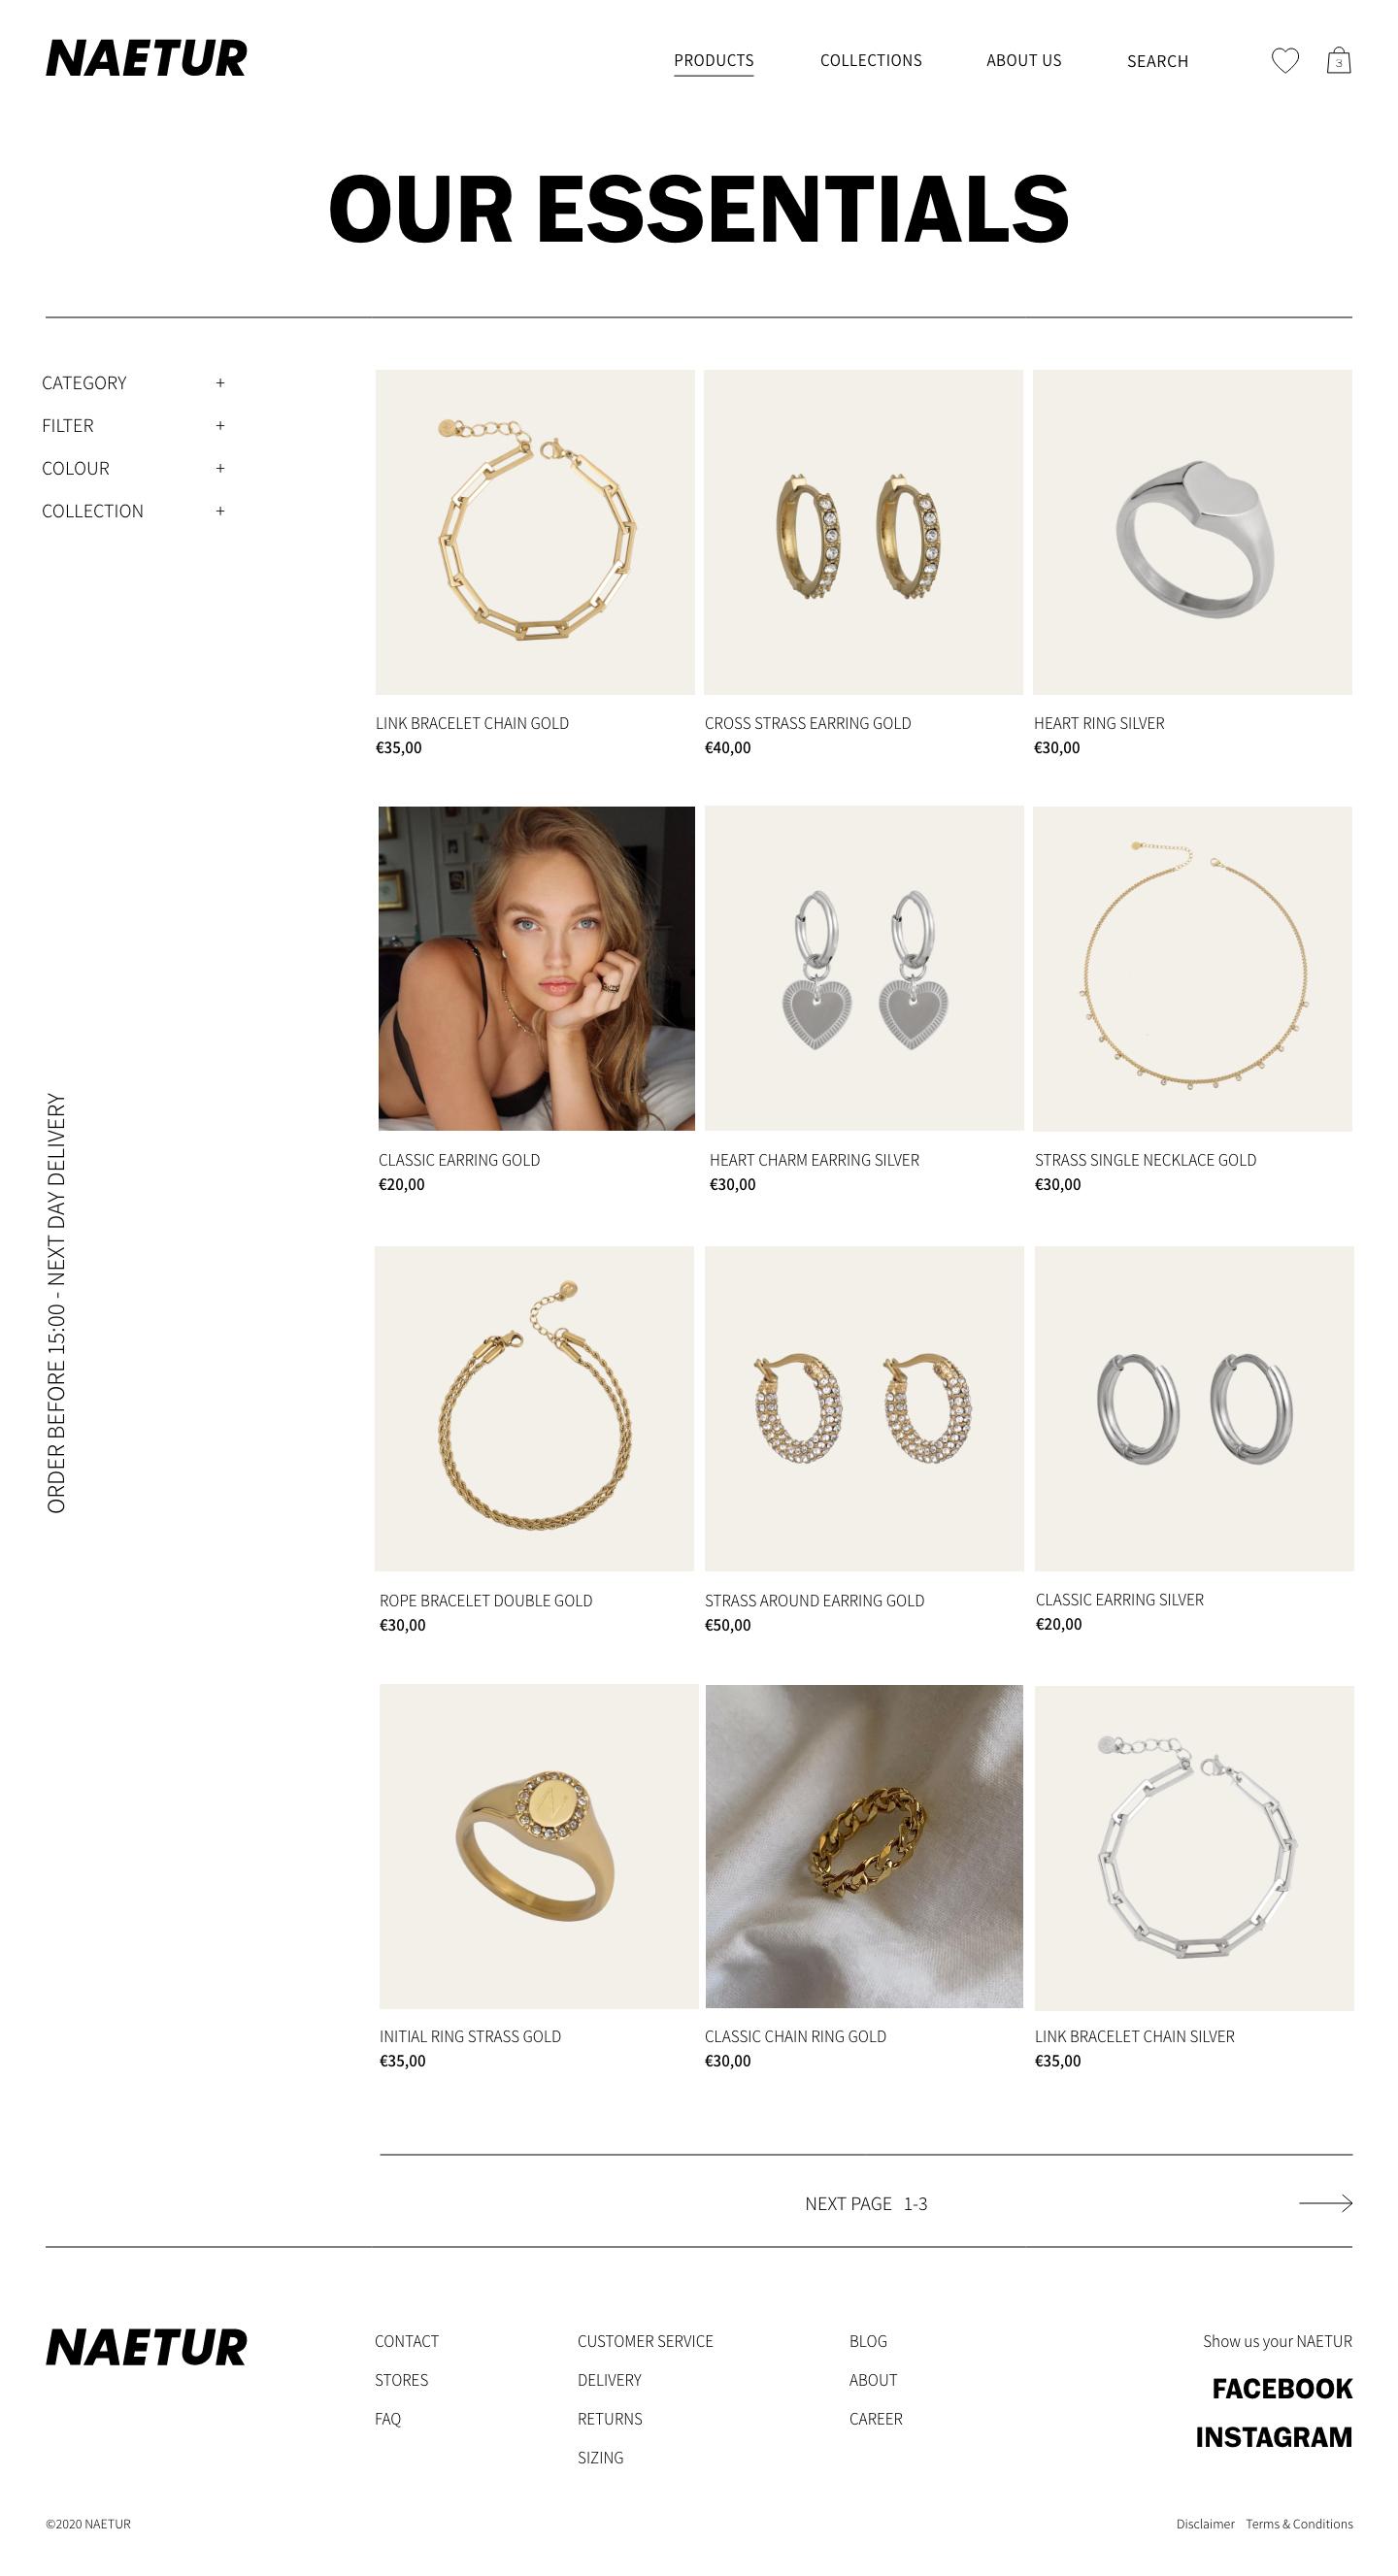 Naetur Website Design